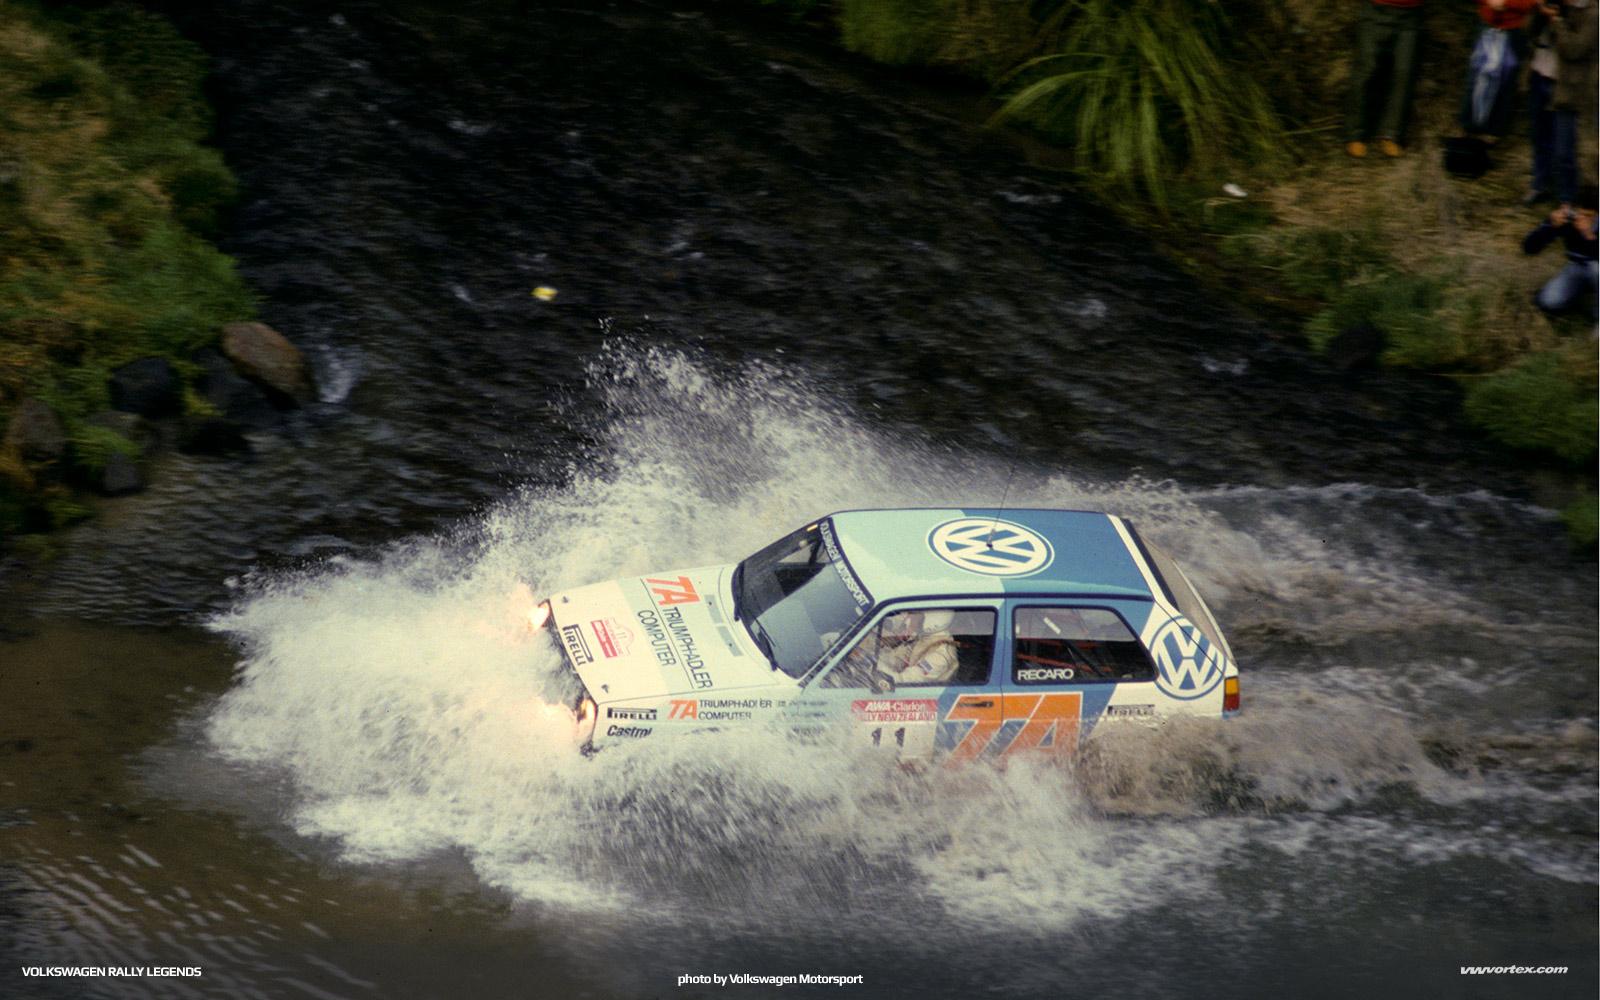 volkswagen-rally-legends-383